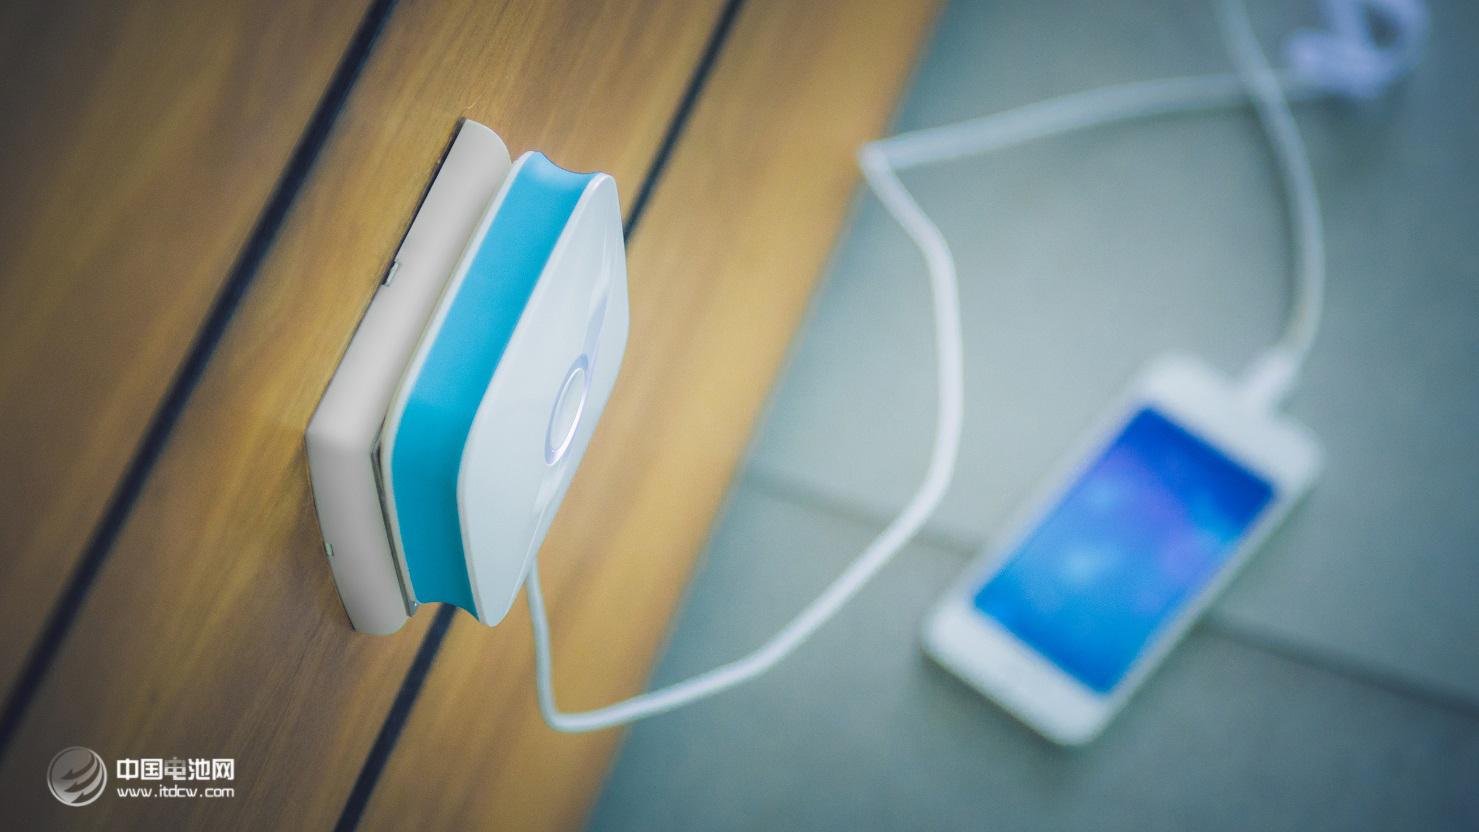 锂离子电池行业新国标出台 你的移动电源合格吗?